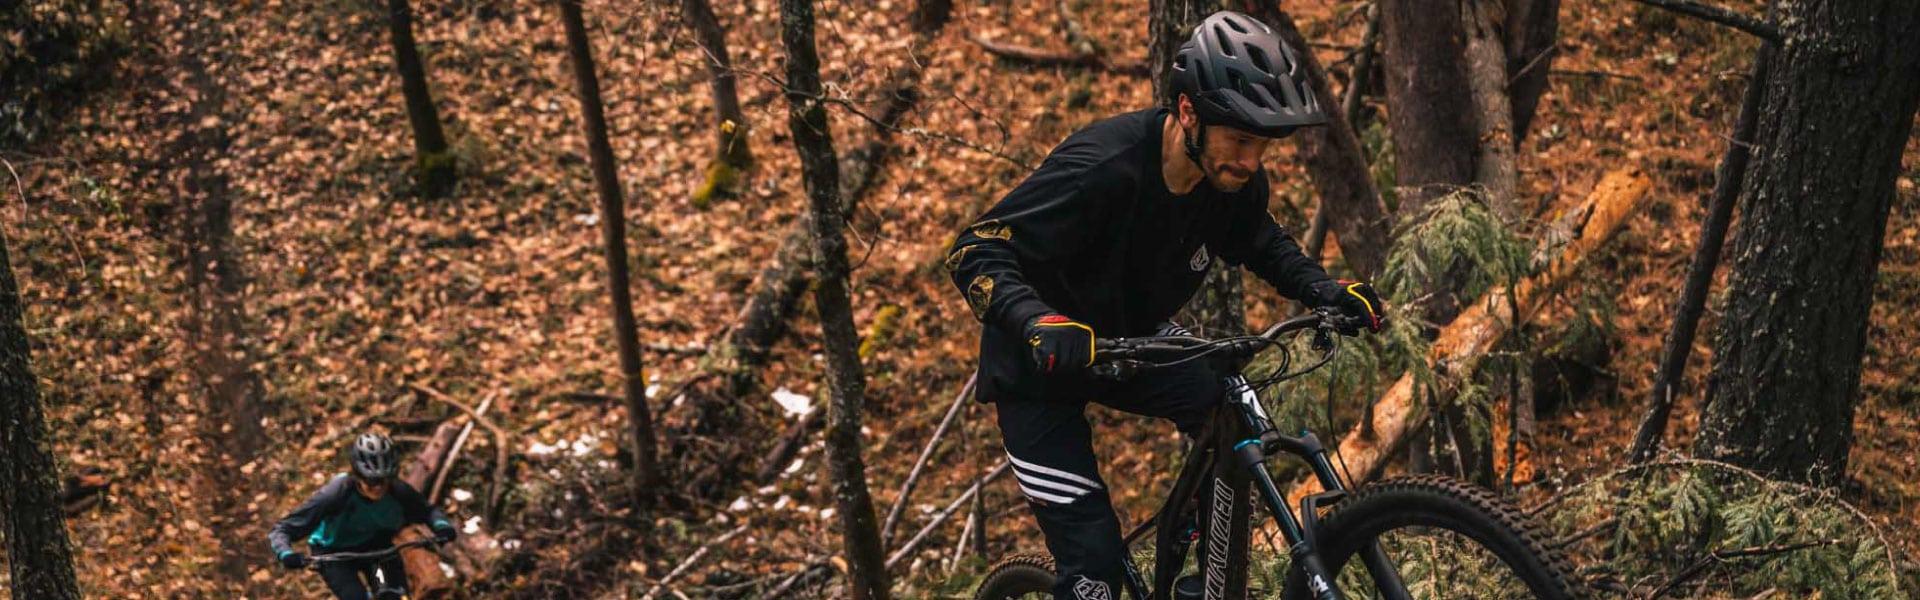 Zwei Personen fahren mit ihren Specialized e-Mountainbikes durch den Wald